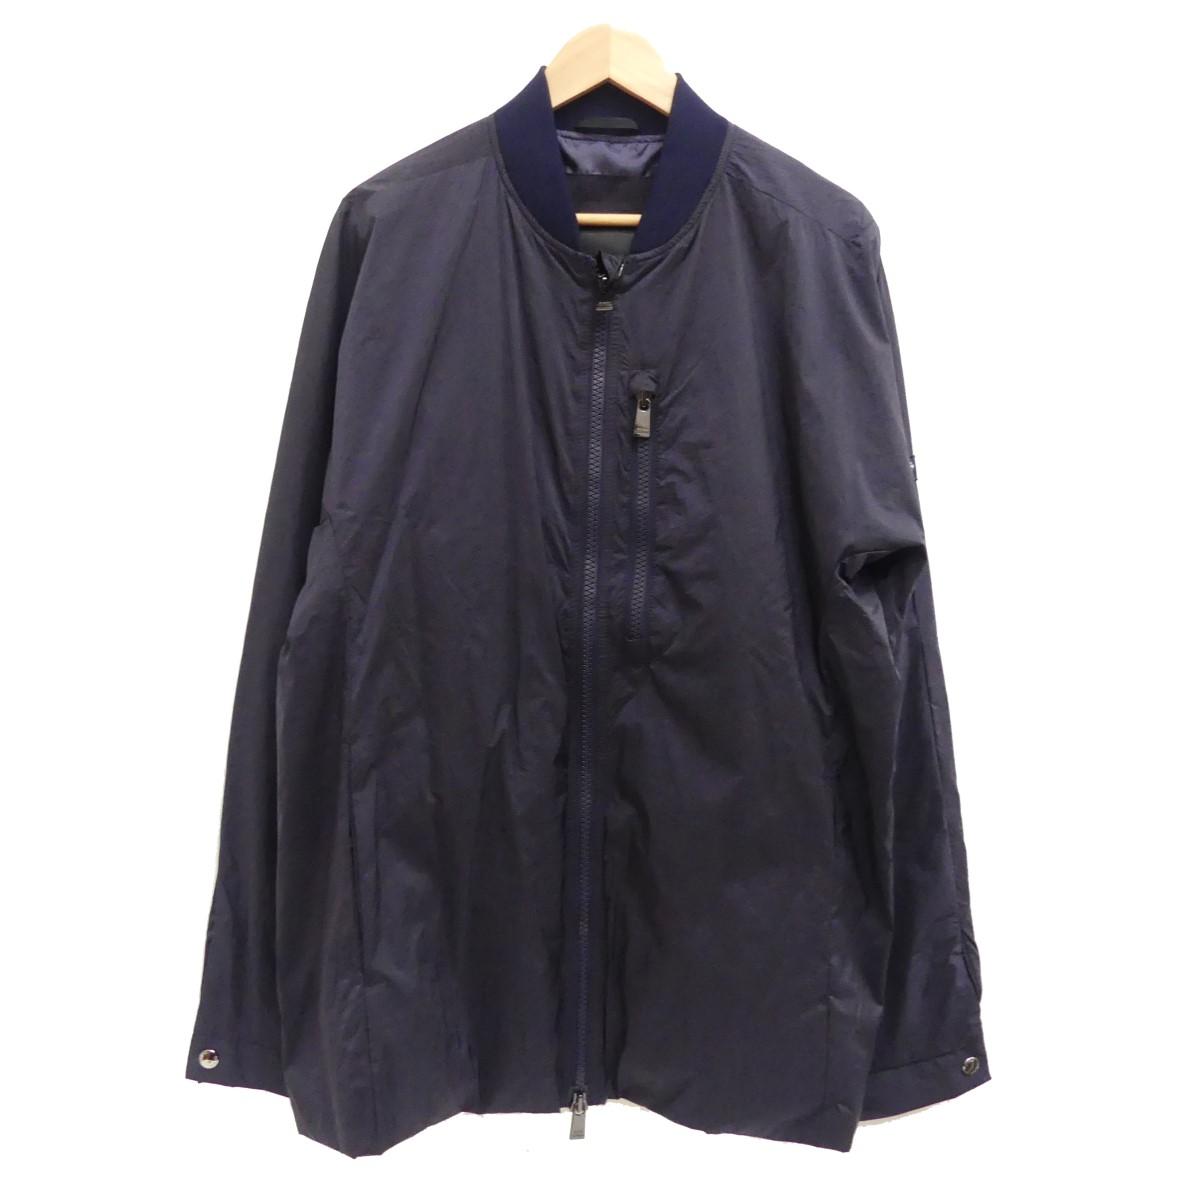 【中古】TATRAS19SS ウォッシュドナイロンボマージャケット ネイビー サイズ:6 【4月27日見直し】